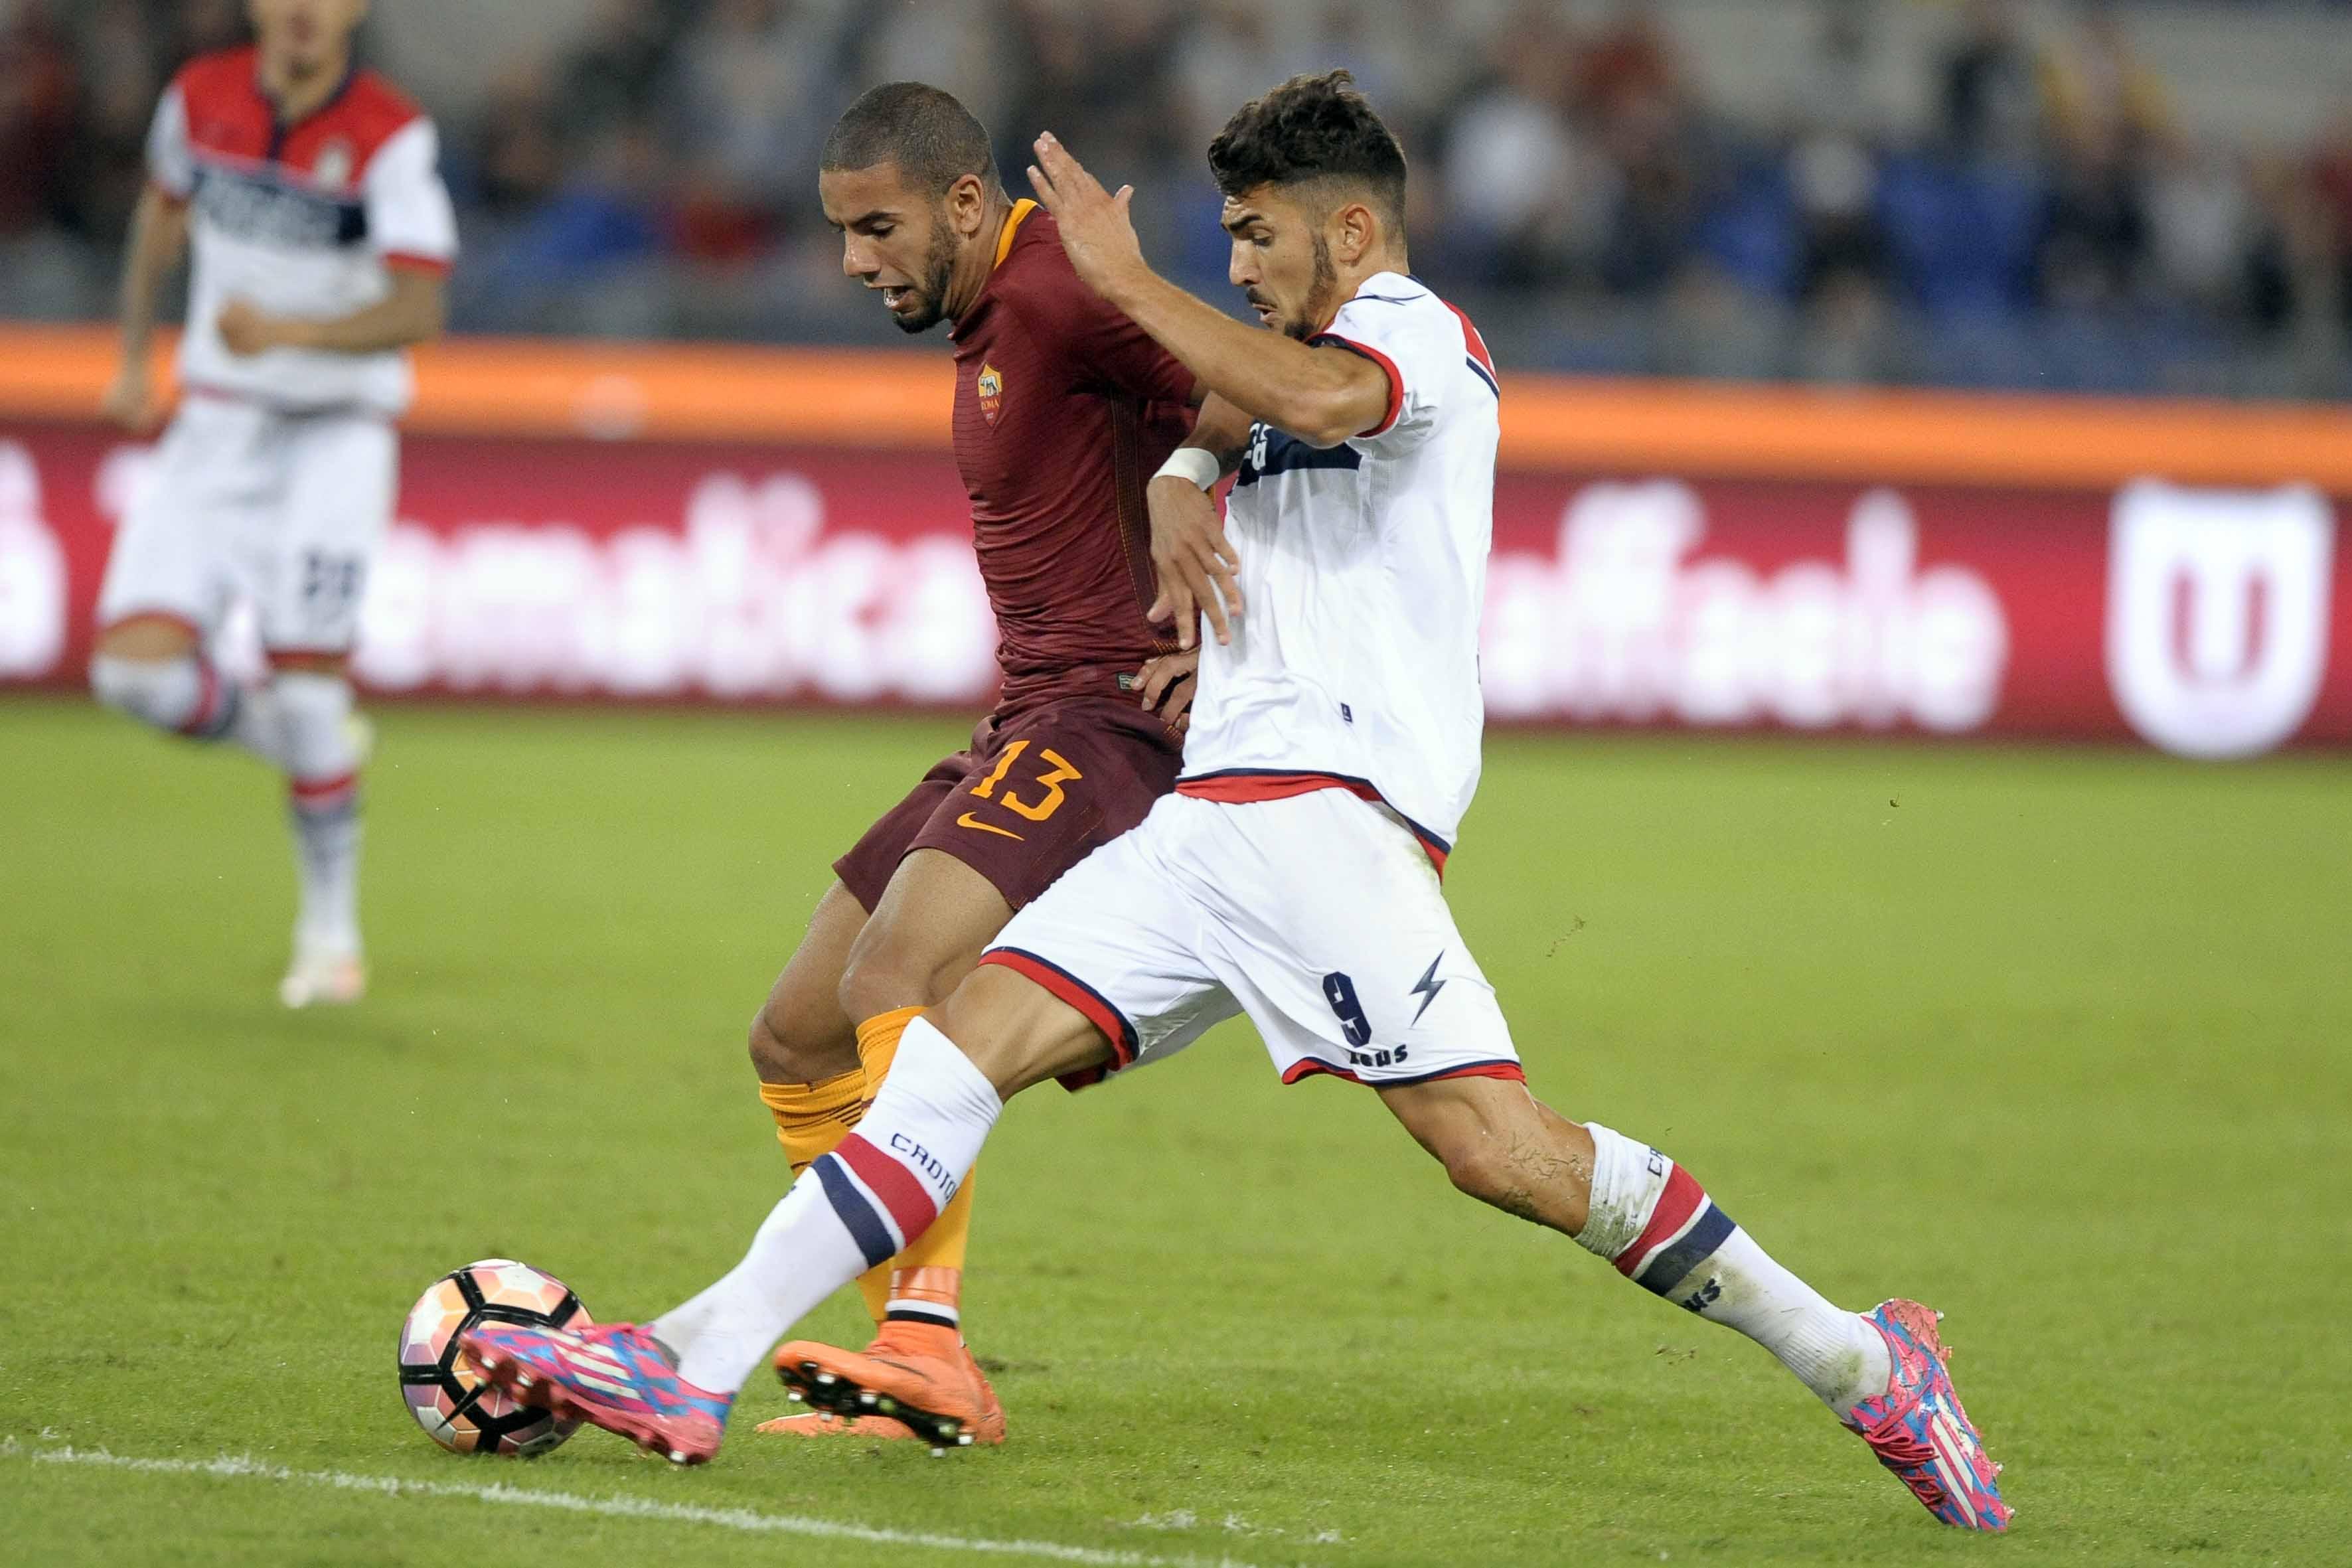 Pescara - Roma  ngày 25/4/2017 Vòng 33 giải VĐQG Italia Ý, serie A